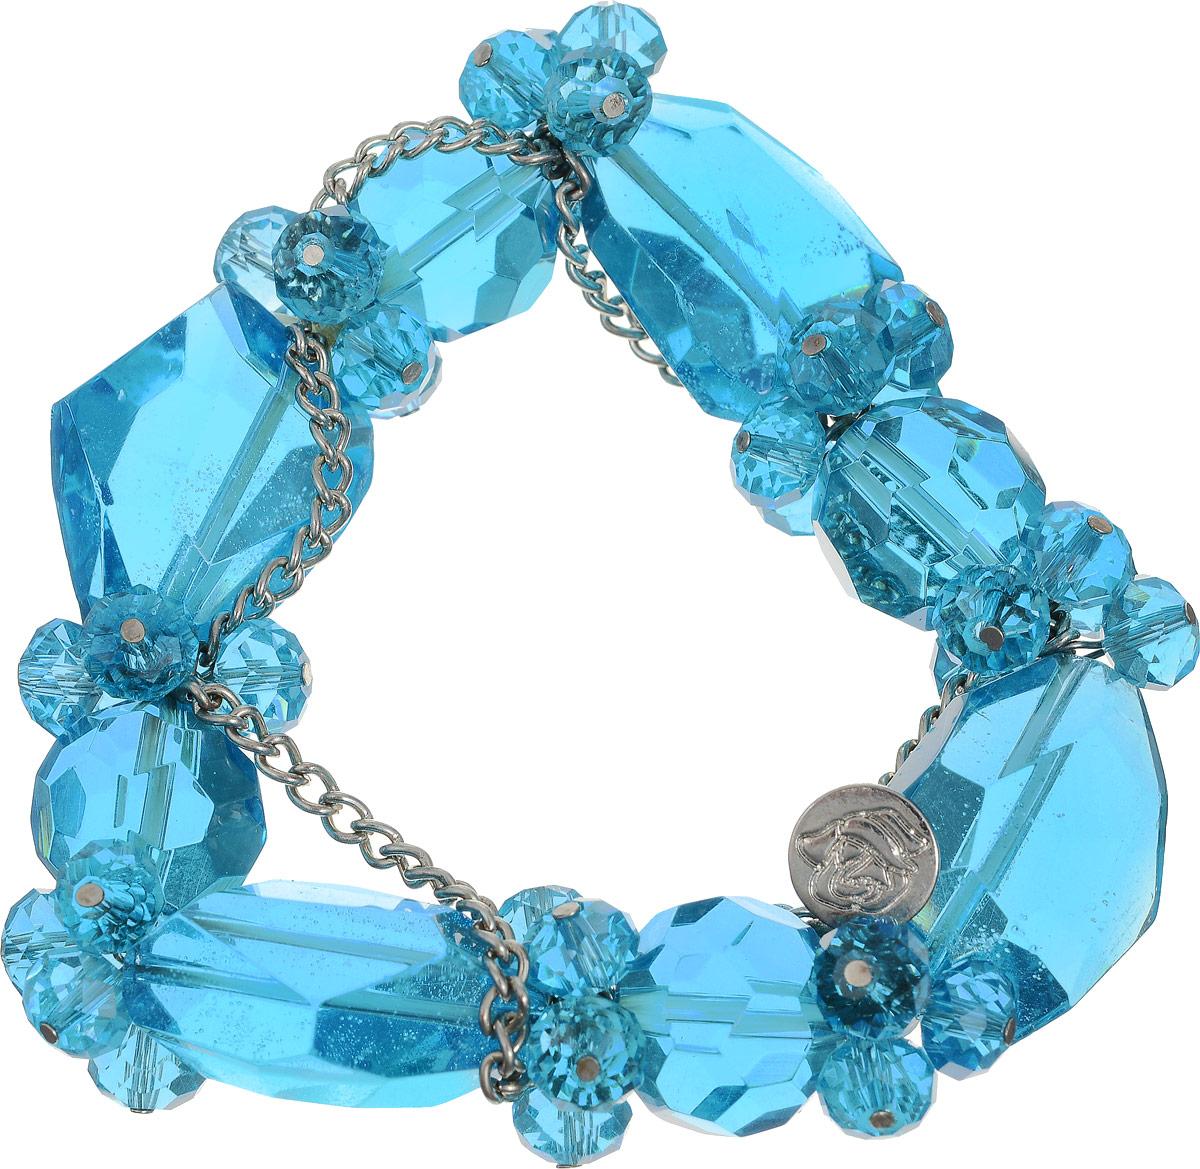 Браслет Art-Silver, цвет: голубой. ТВ16-1-230ТВ16-1-230Женский браслет Art-Silver выполнен из крупных кристаллов разнообразной формы, нанизанных на эластичную резинку и украшенных металлической цепочкой из бижутерного сплава. Прозрачные искусственные кристаллы красиво переливаются, благодаря многочисленным граням различного размера.